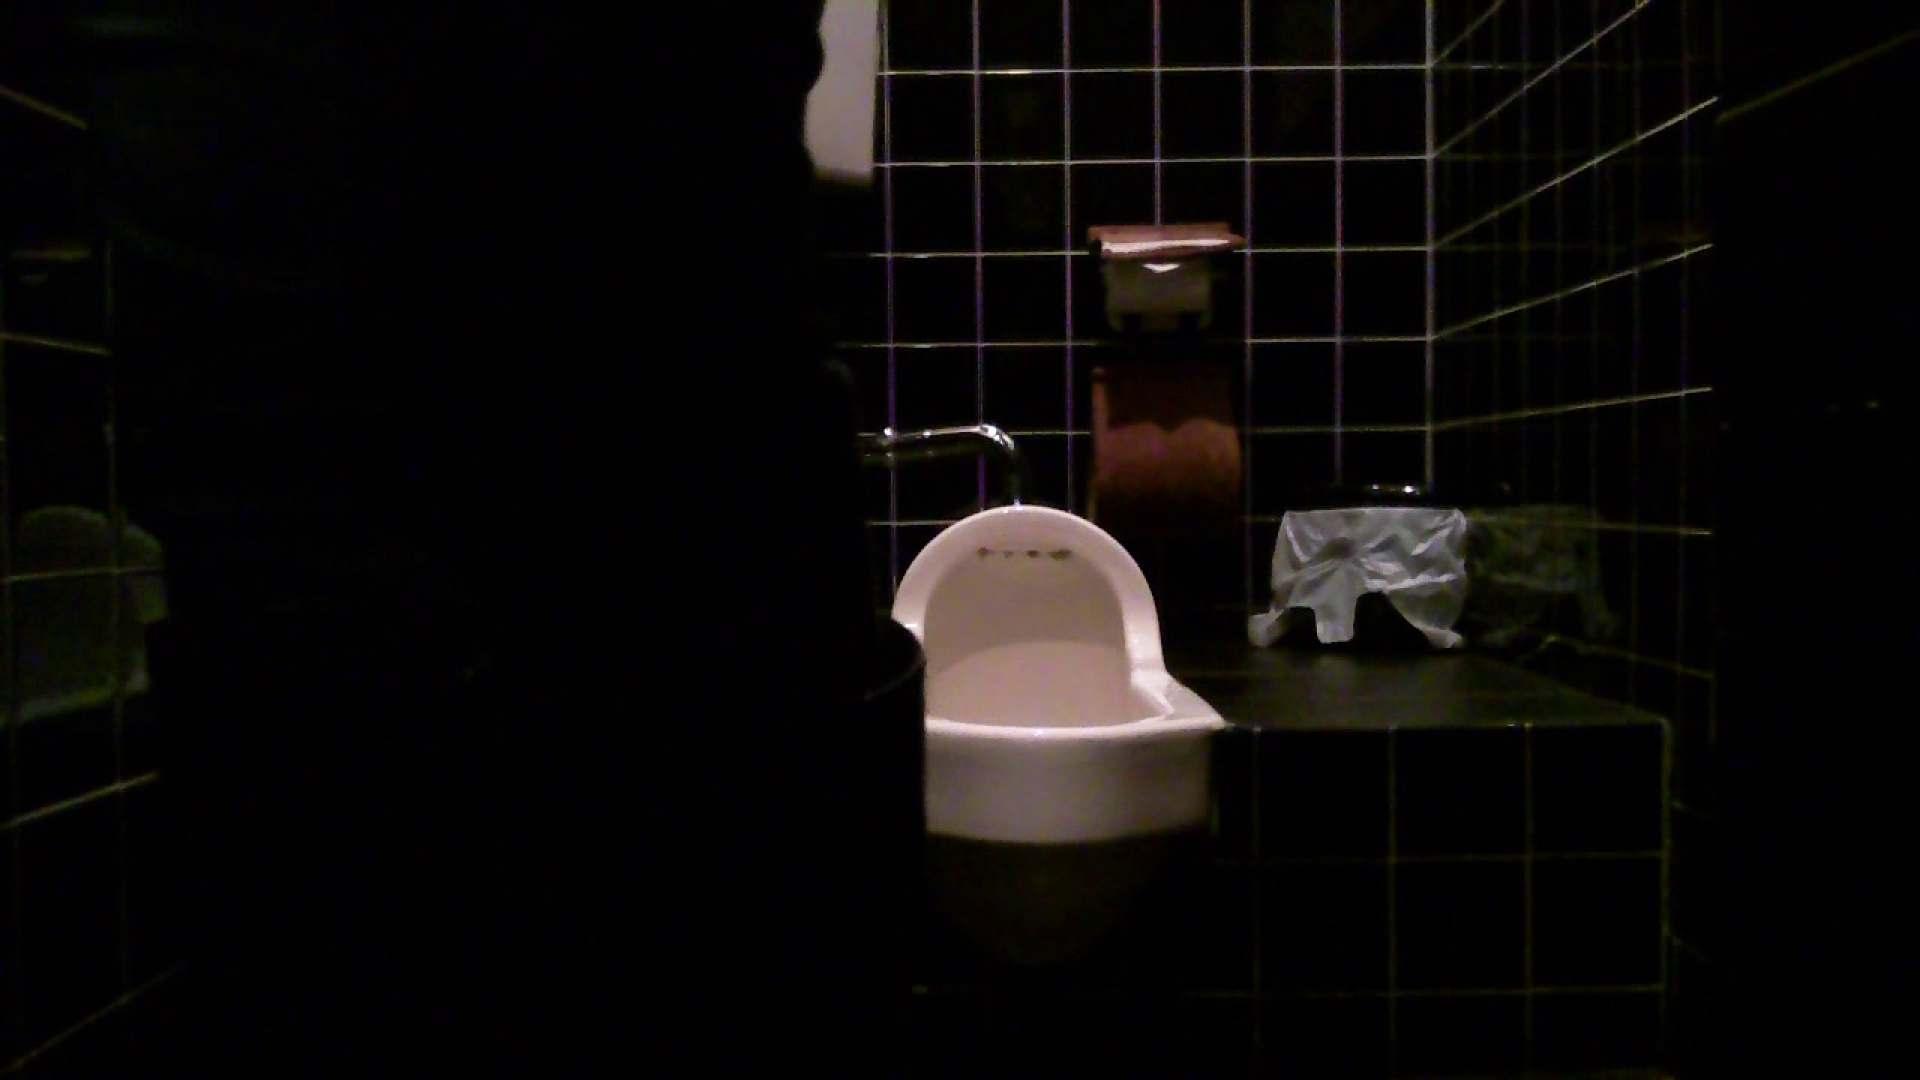 美女の集まる飲み屋洗面所 vol.05 美女 盗み撮りオマンコ動画キャプチャ 61pic 47